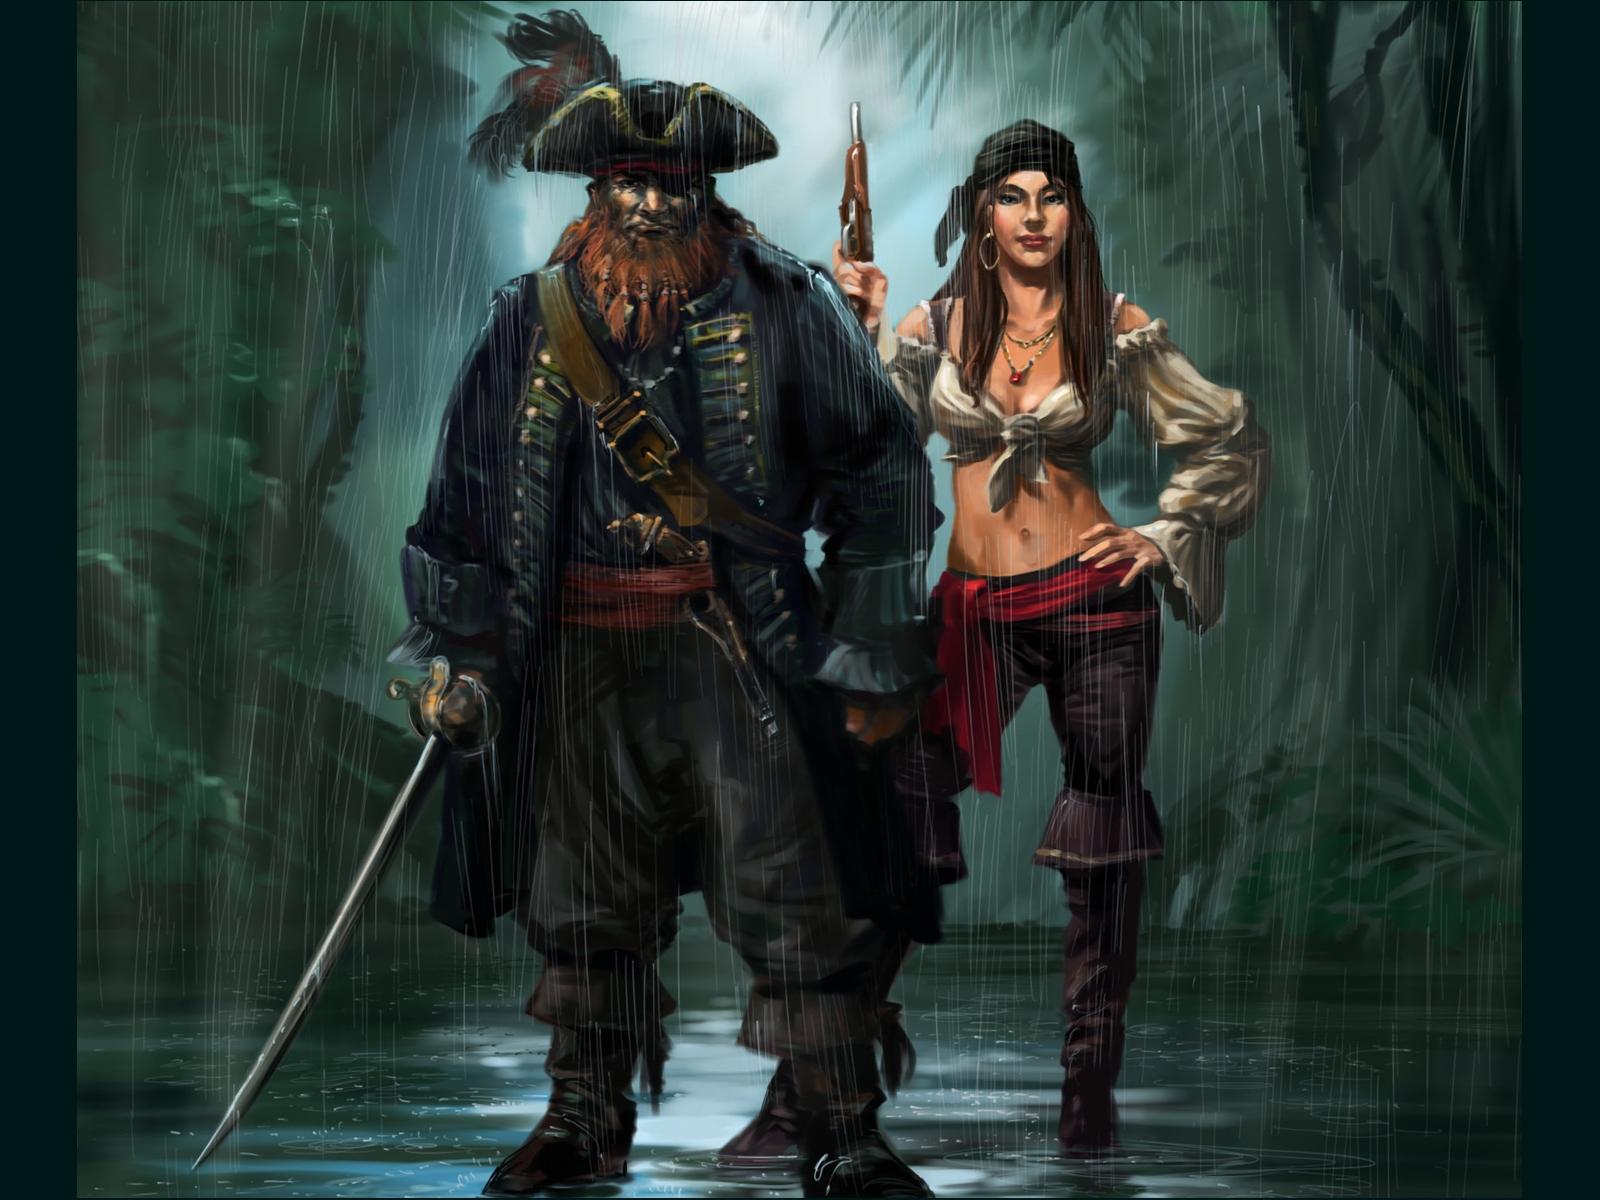 сайте лучший пират всех времён в каких годах того чтобы скачать